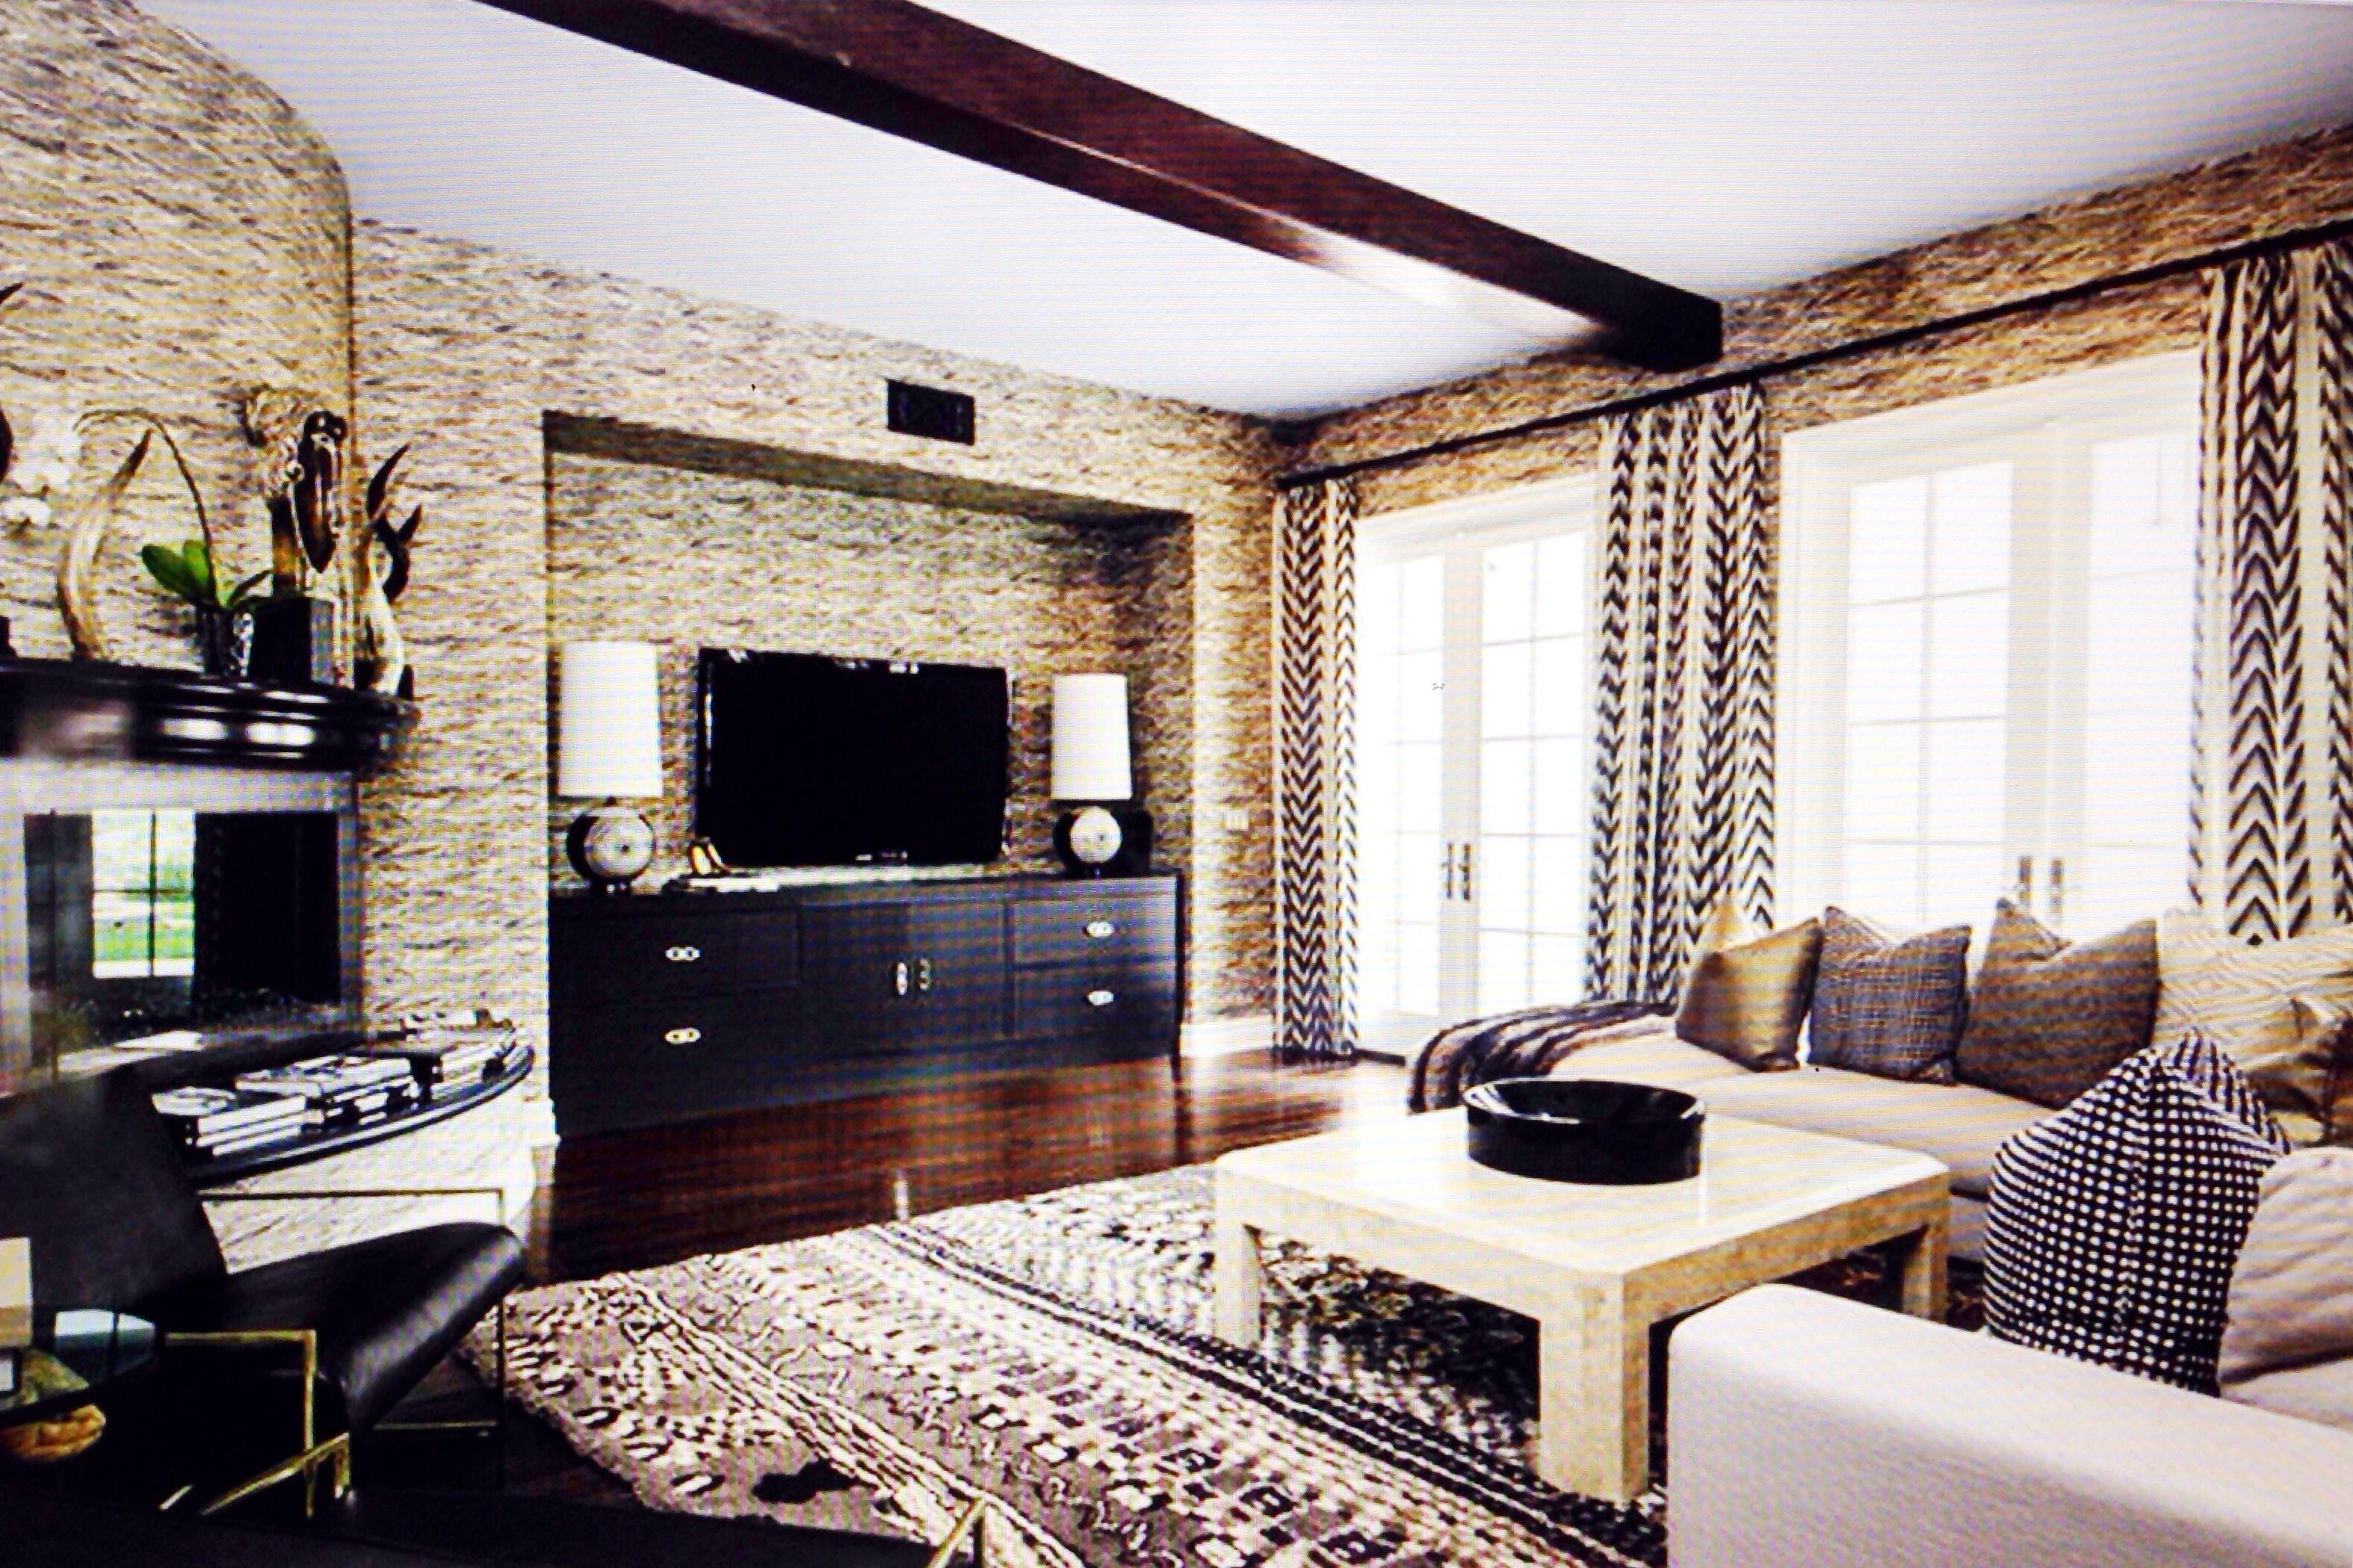 Kourtney Kardashian 39 S Family Room Home Sweet Home